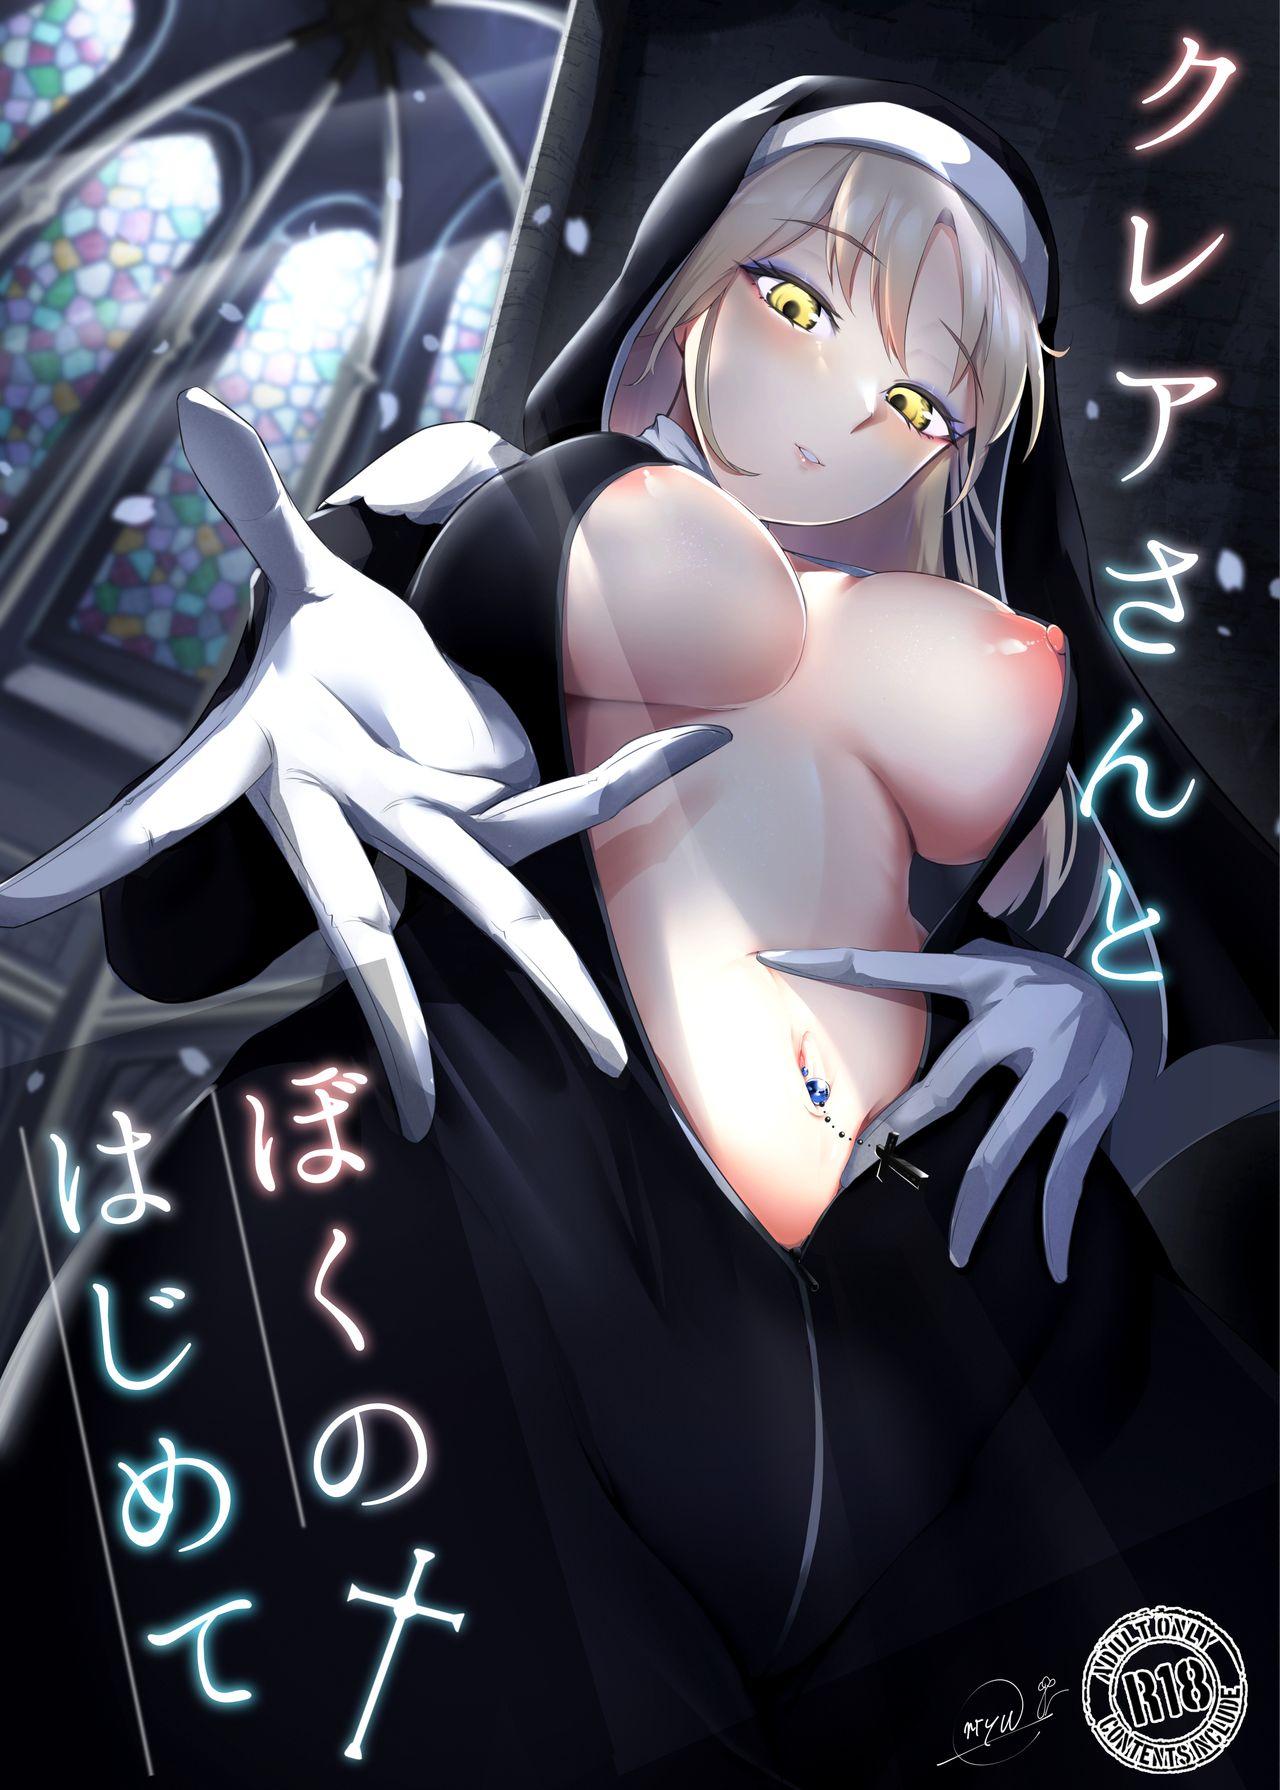 Cleaire-san to Boku no Hajimete